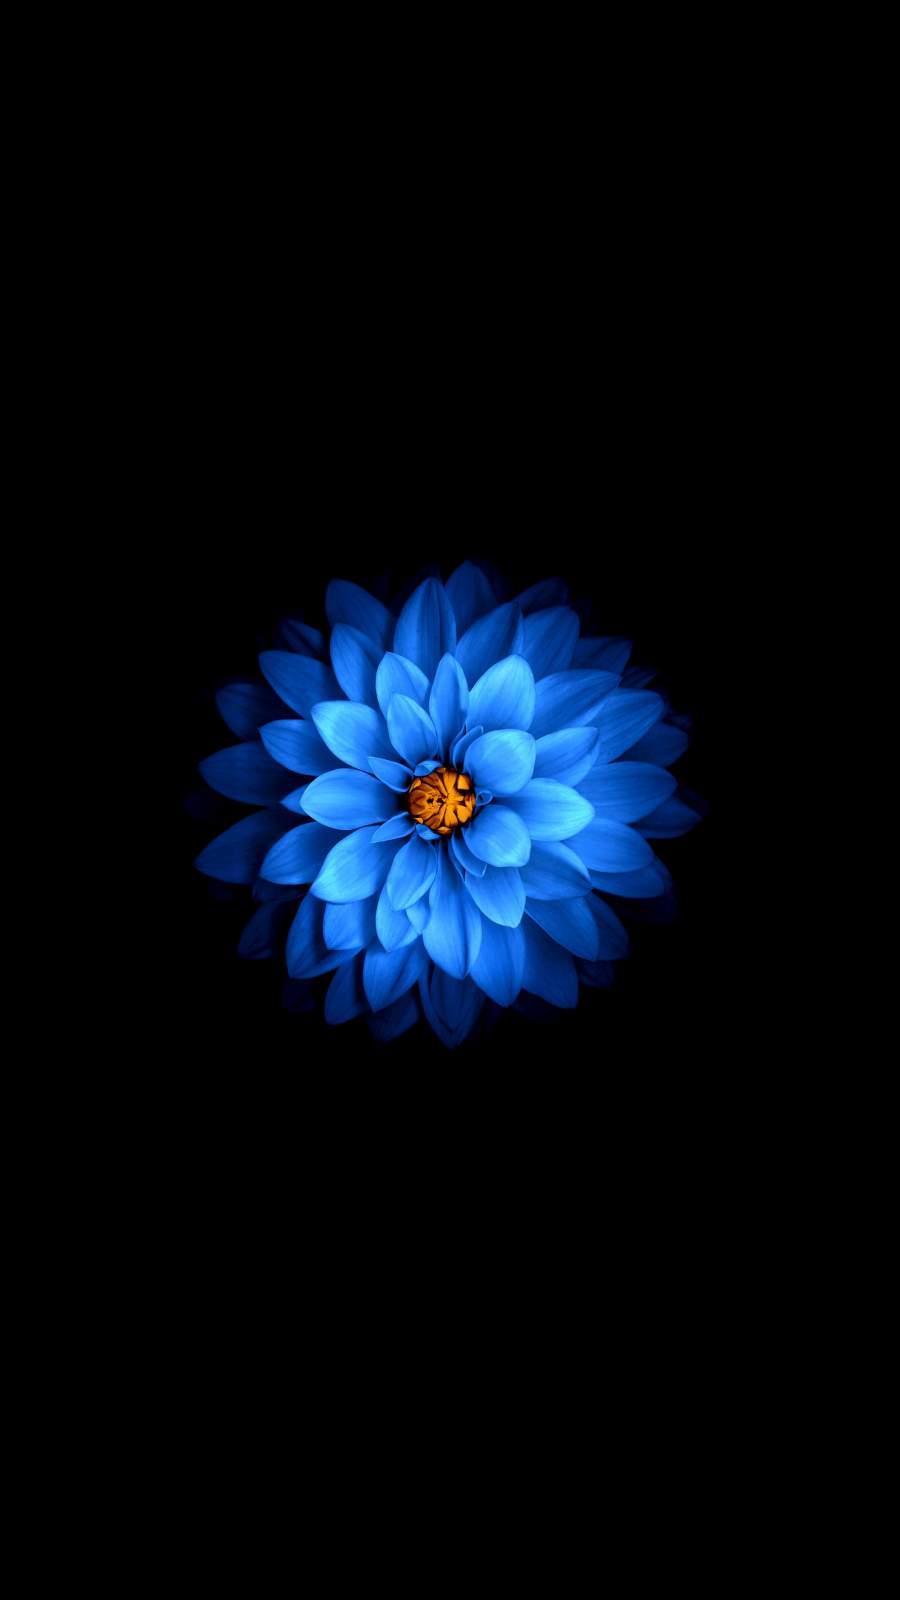 Dark Flower